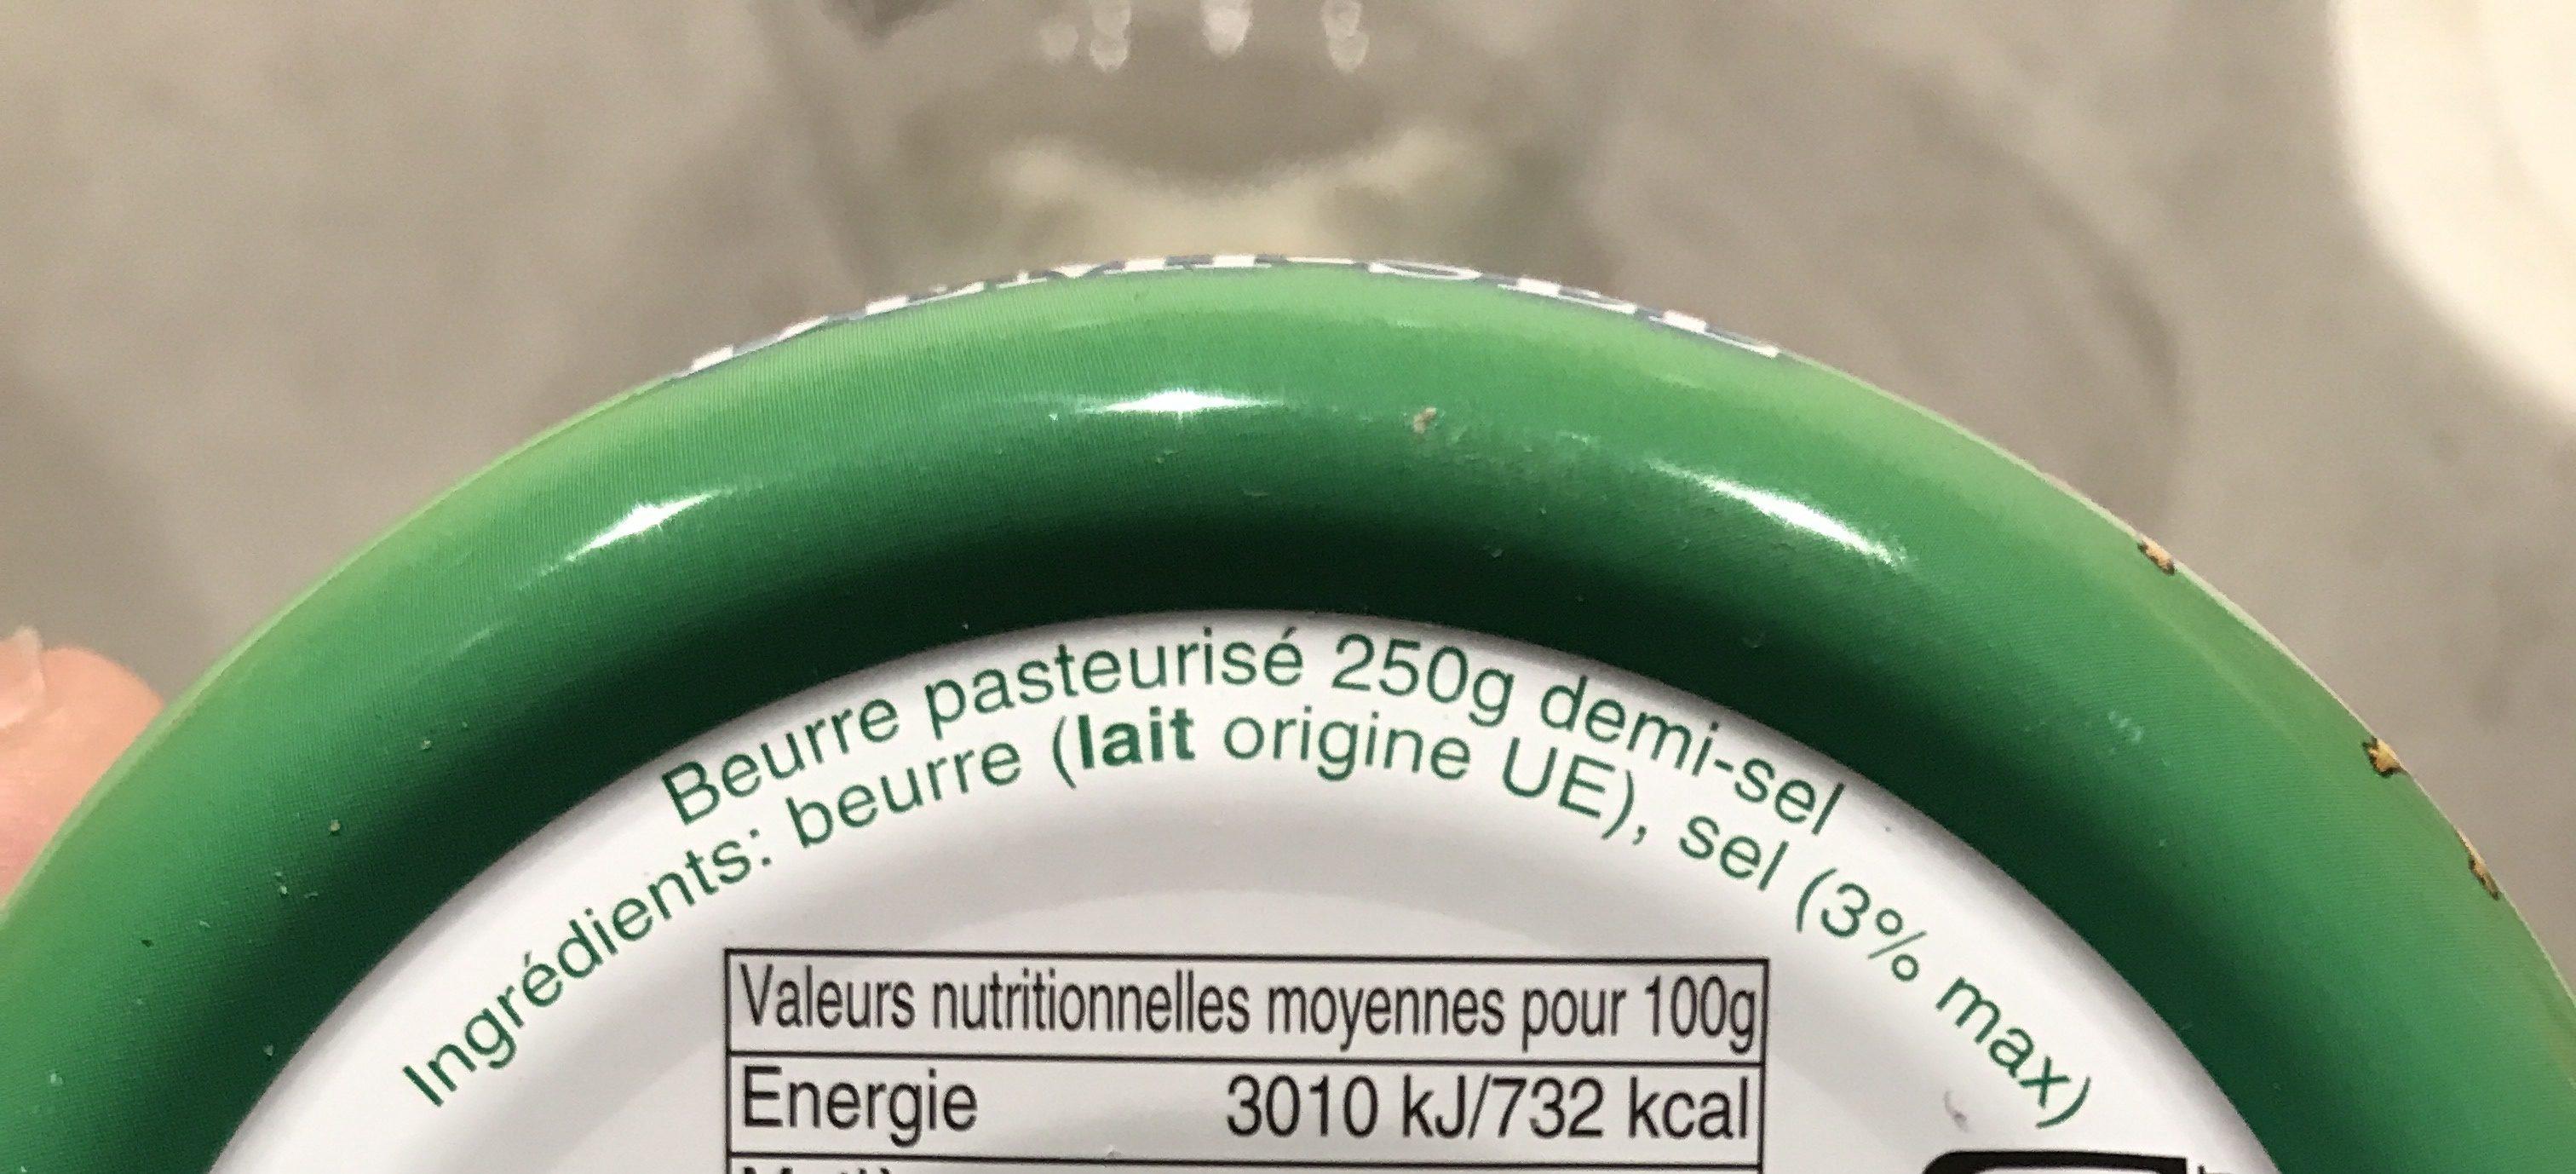 Beurre gastronomique SOVACO - Ingrédients - fr